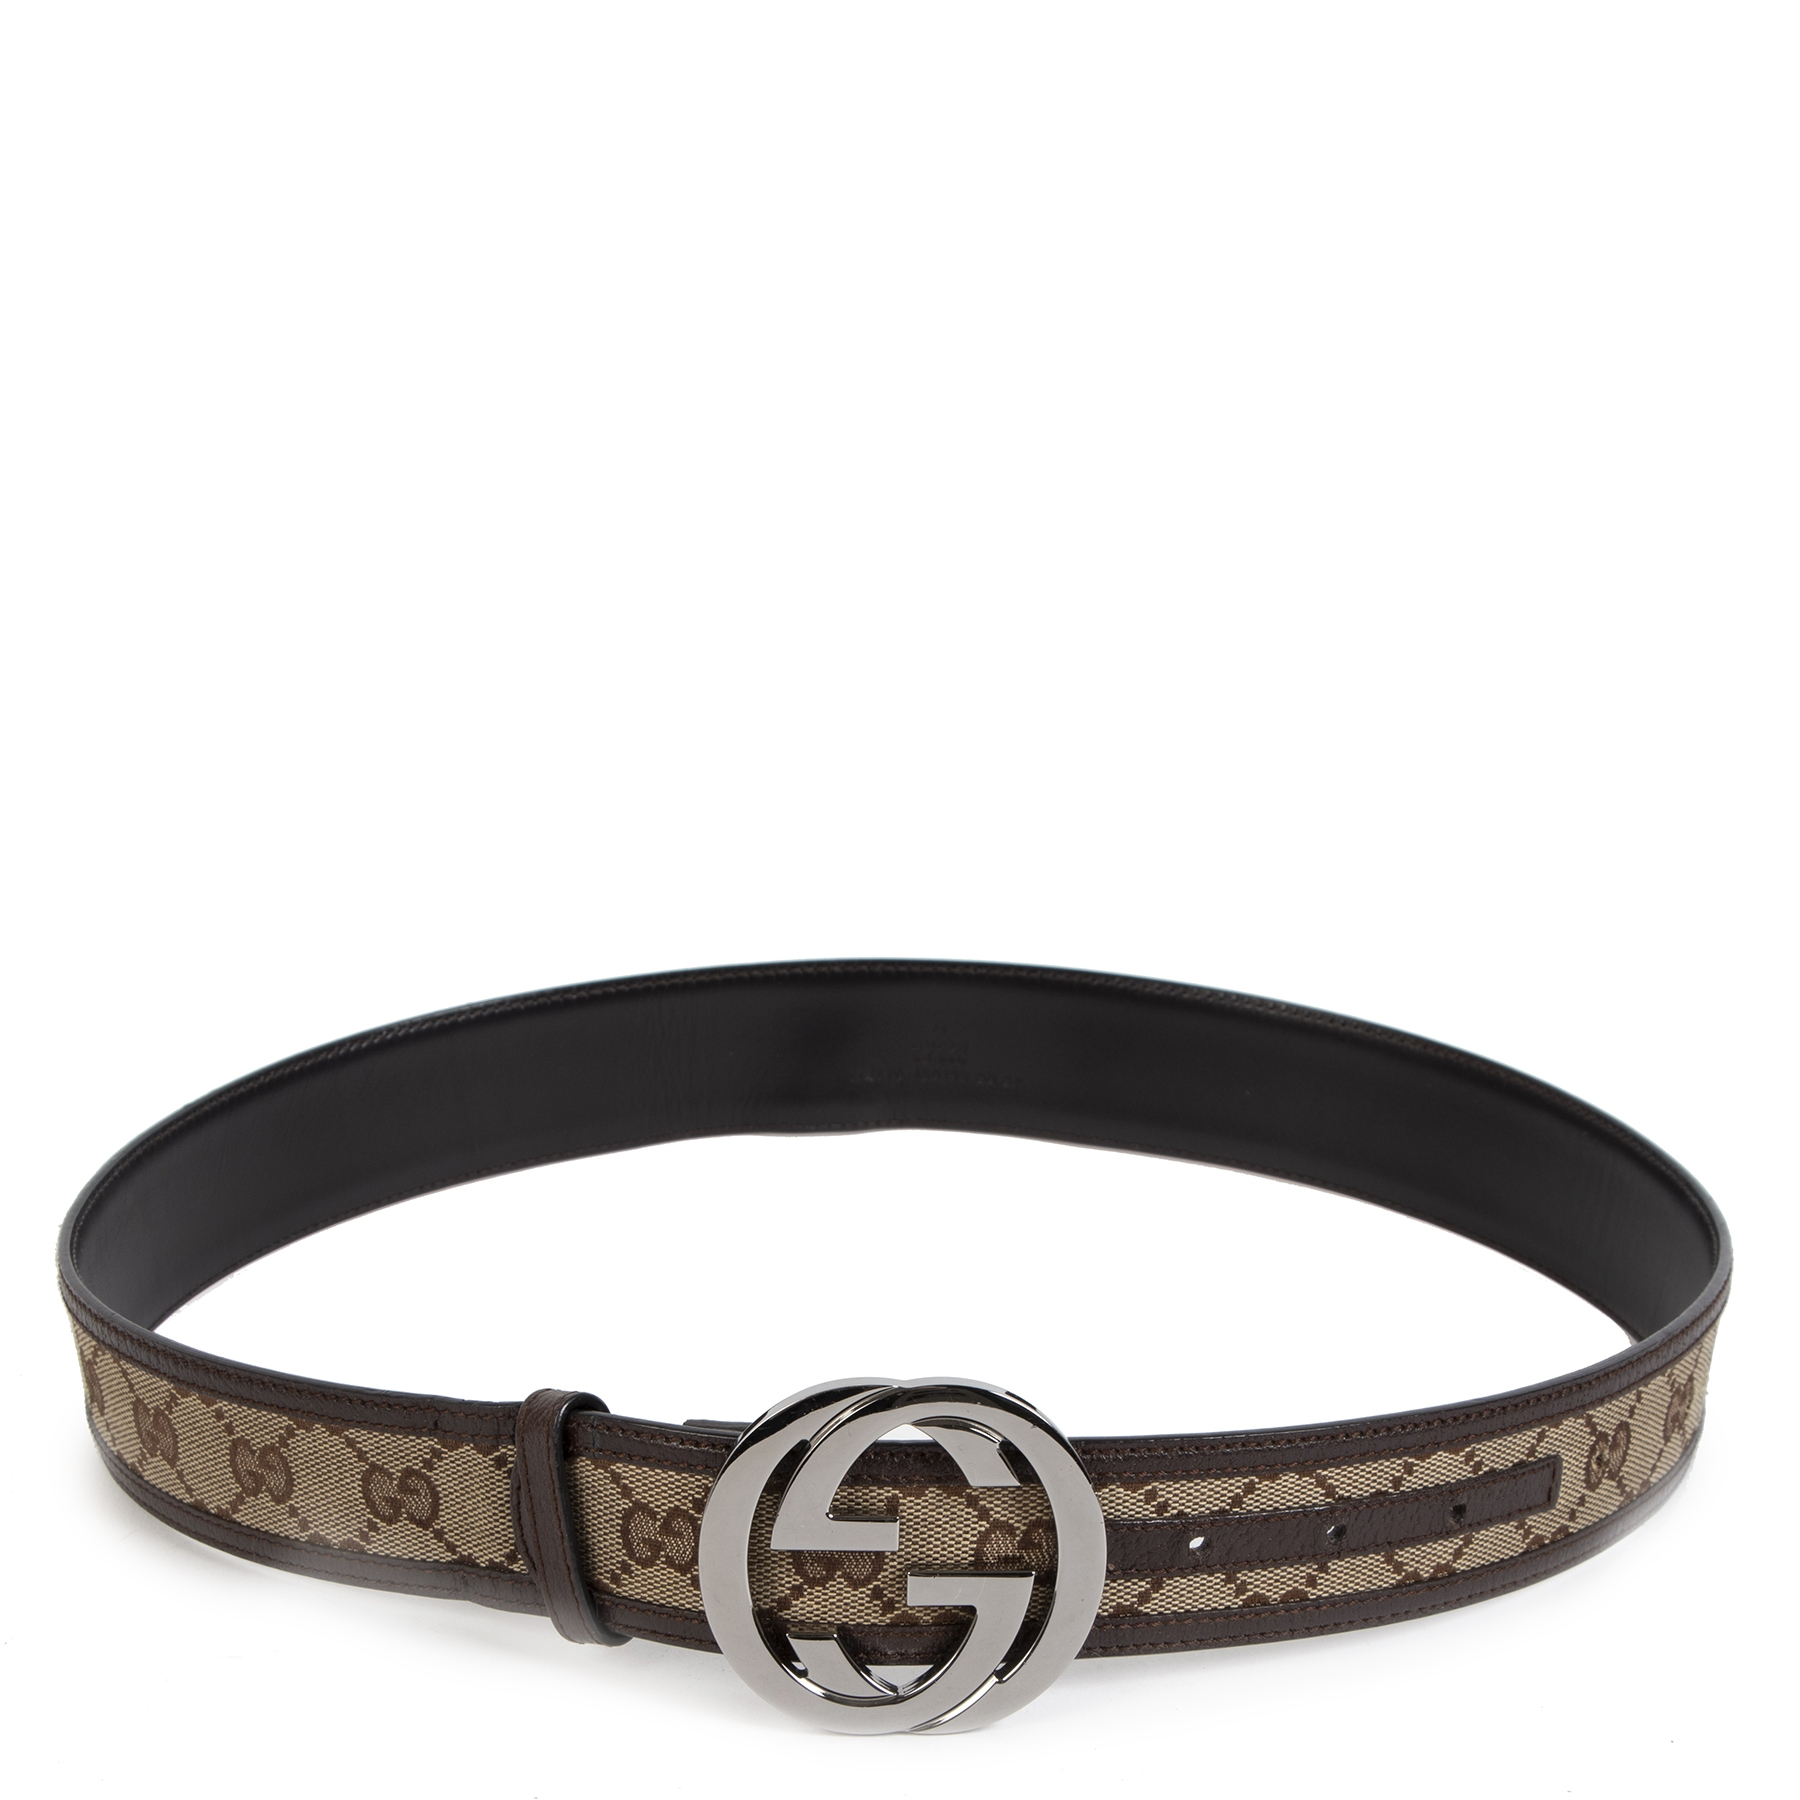 Gucci Monogram Interlocking GG Belt - Size 80